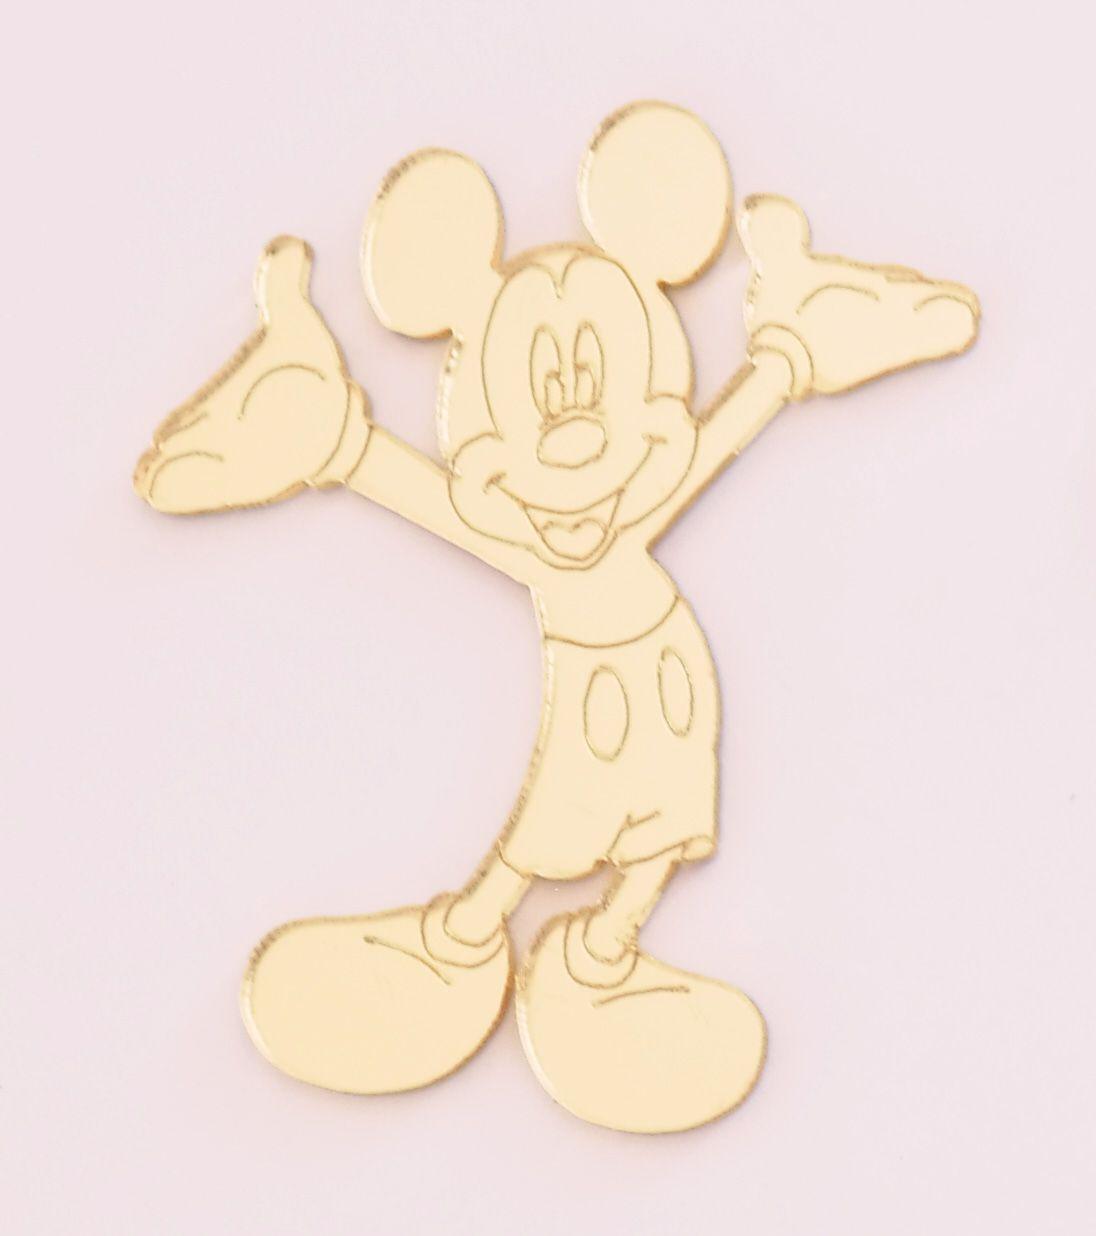 Aplique em acrílico espelhado - Mickey 01 - 7cm - 10 peças